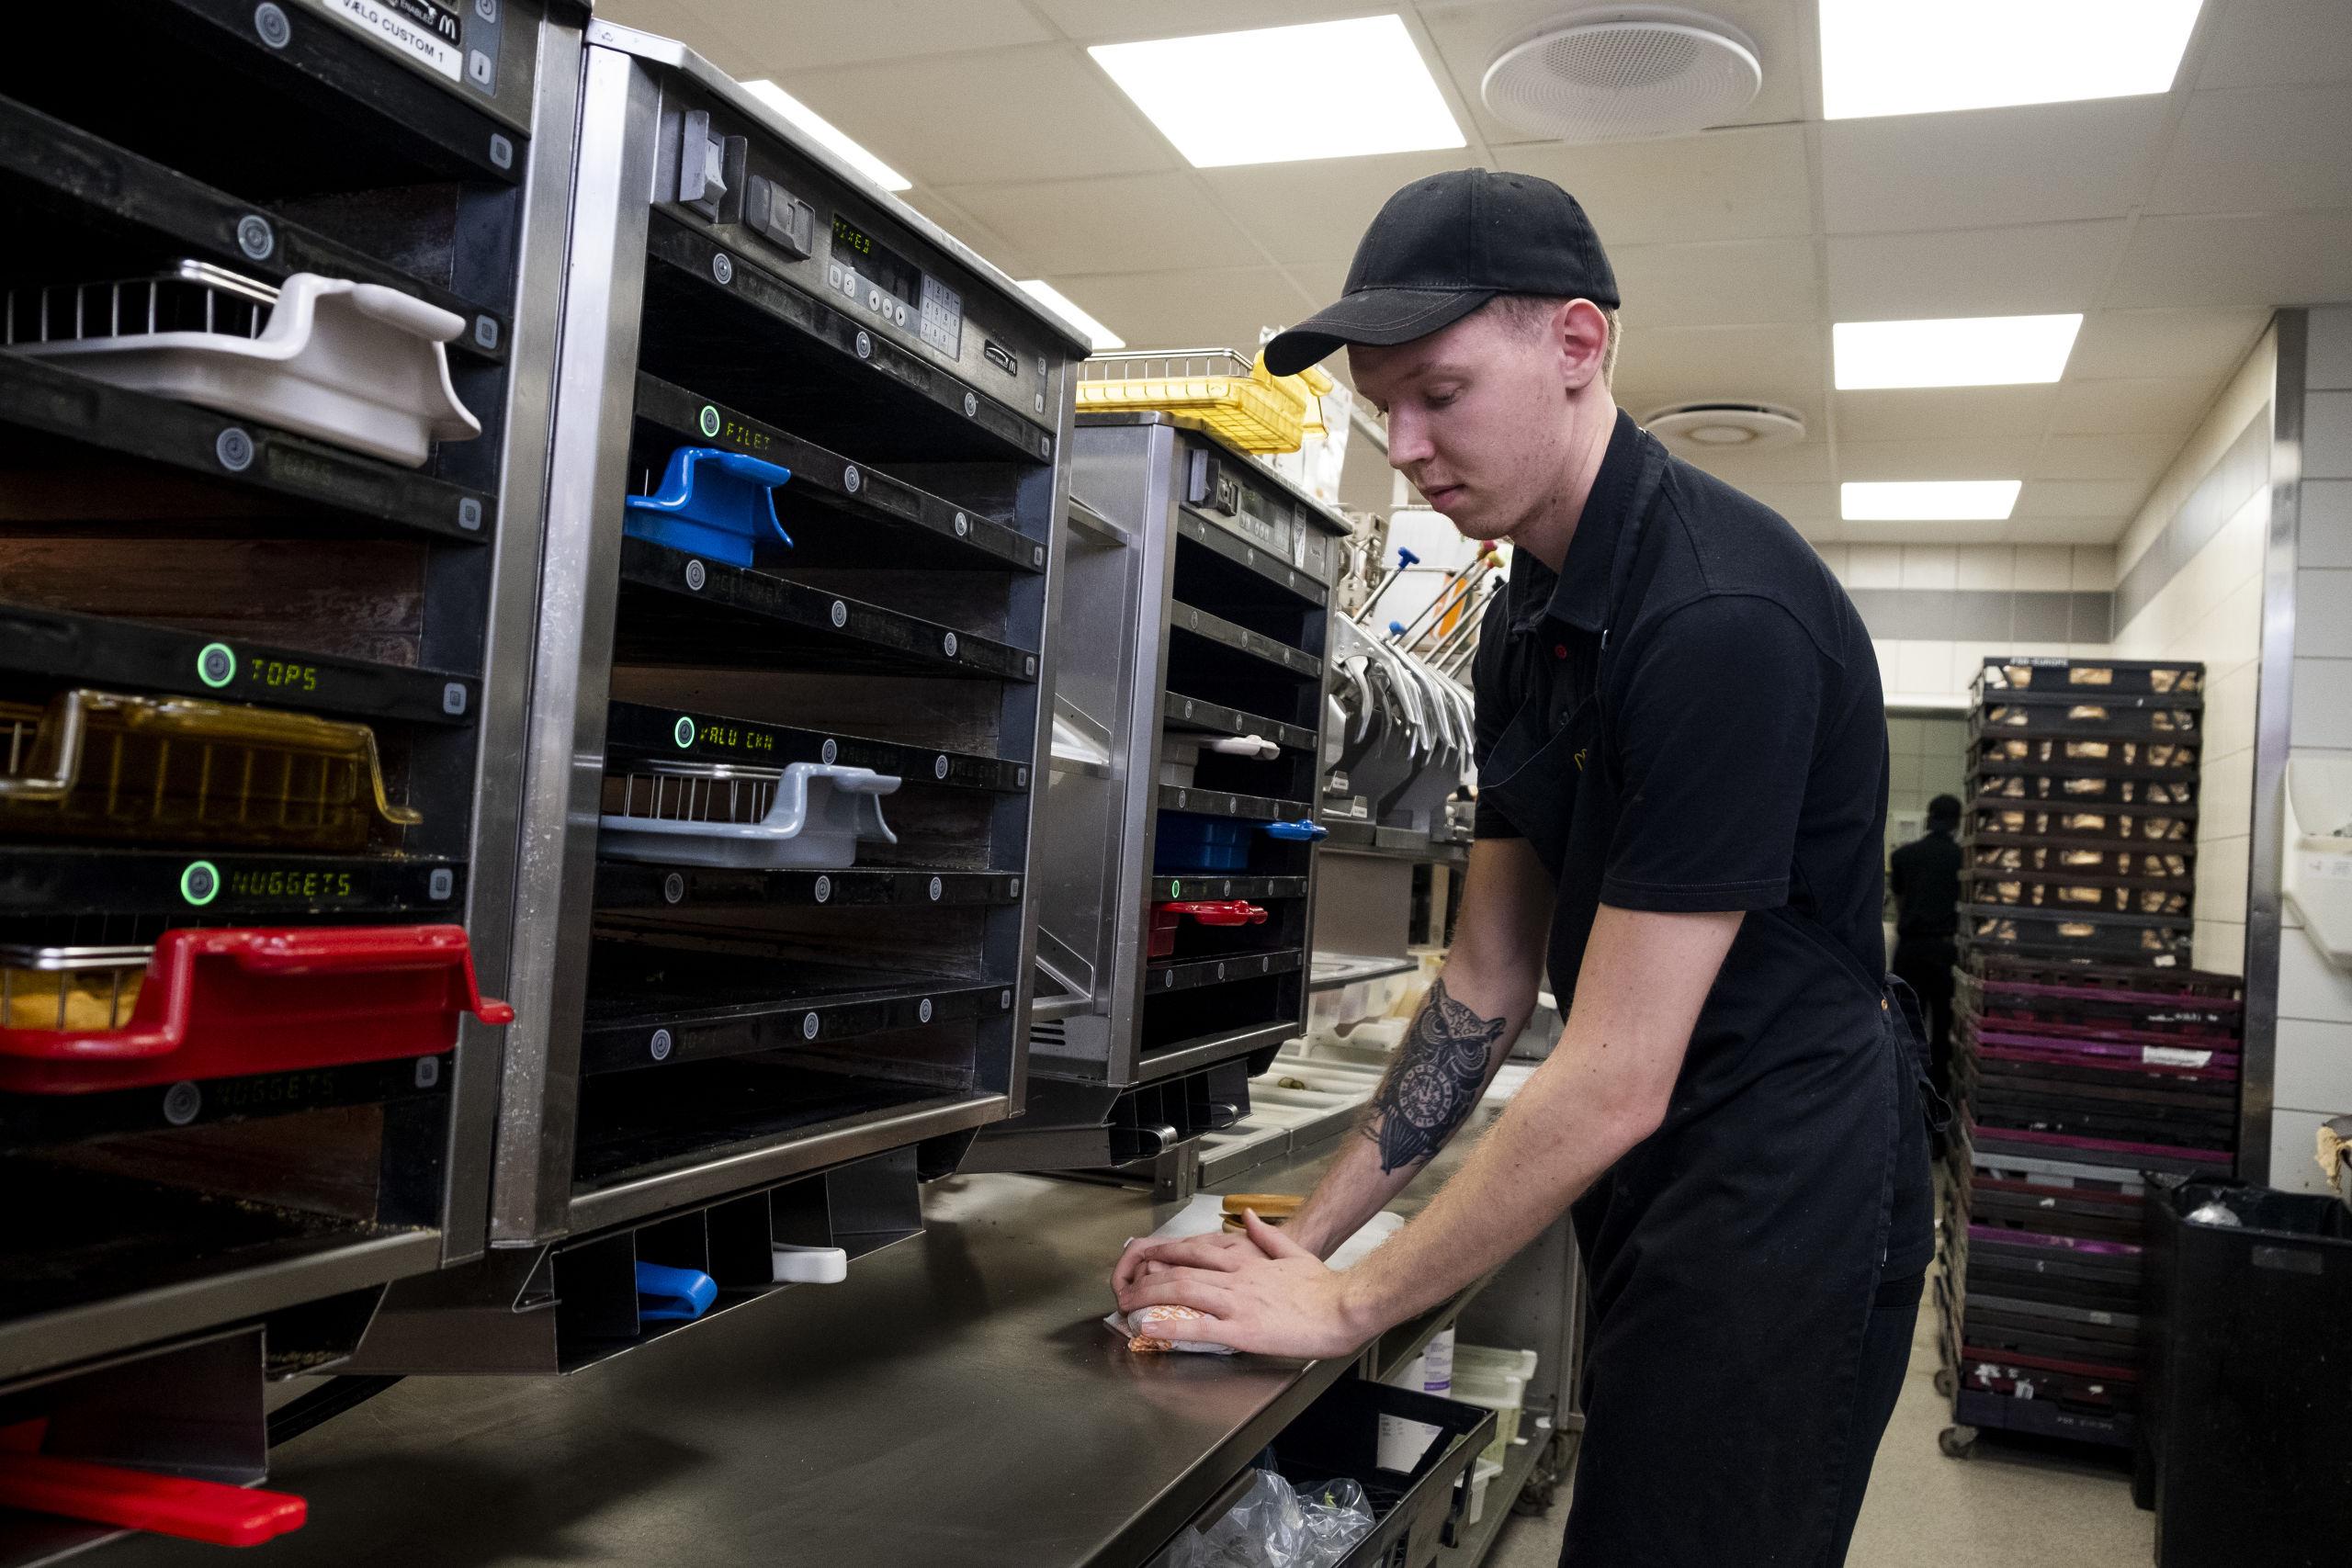 Det er kun få medarbejdere, der har fået fri til årets travleste dag på Aalborgs McDonald's restauranter. Foto: Lasse Sand